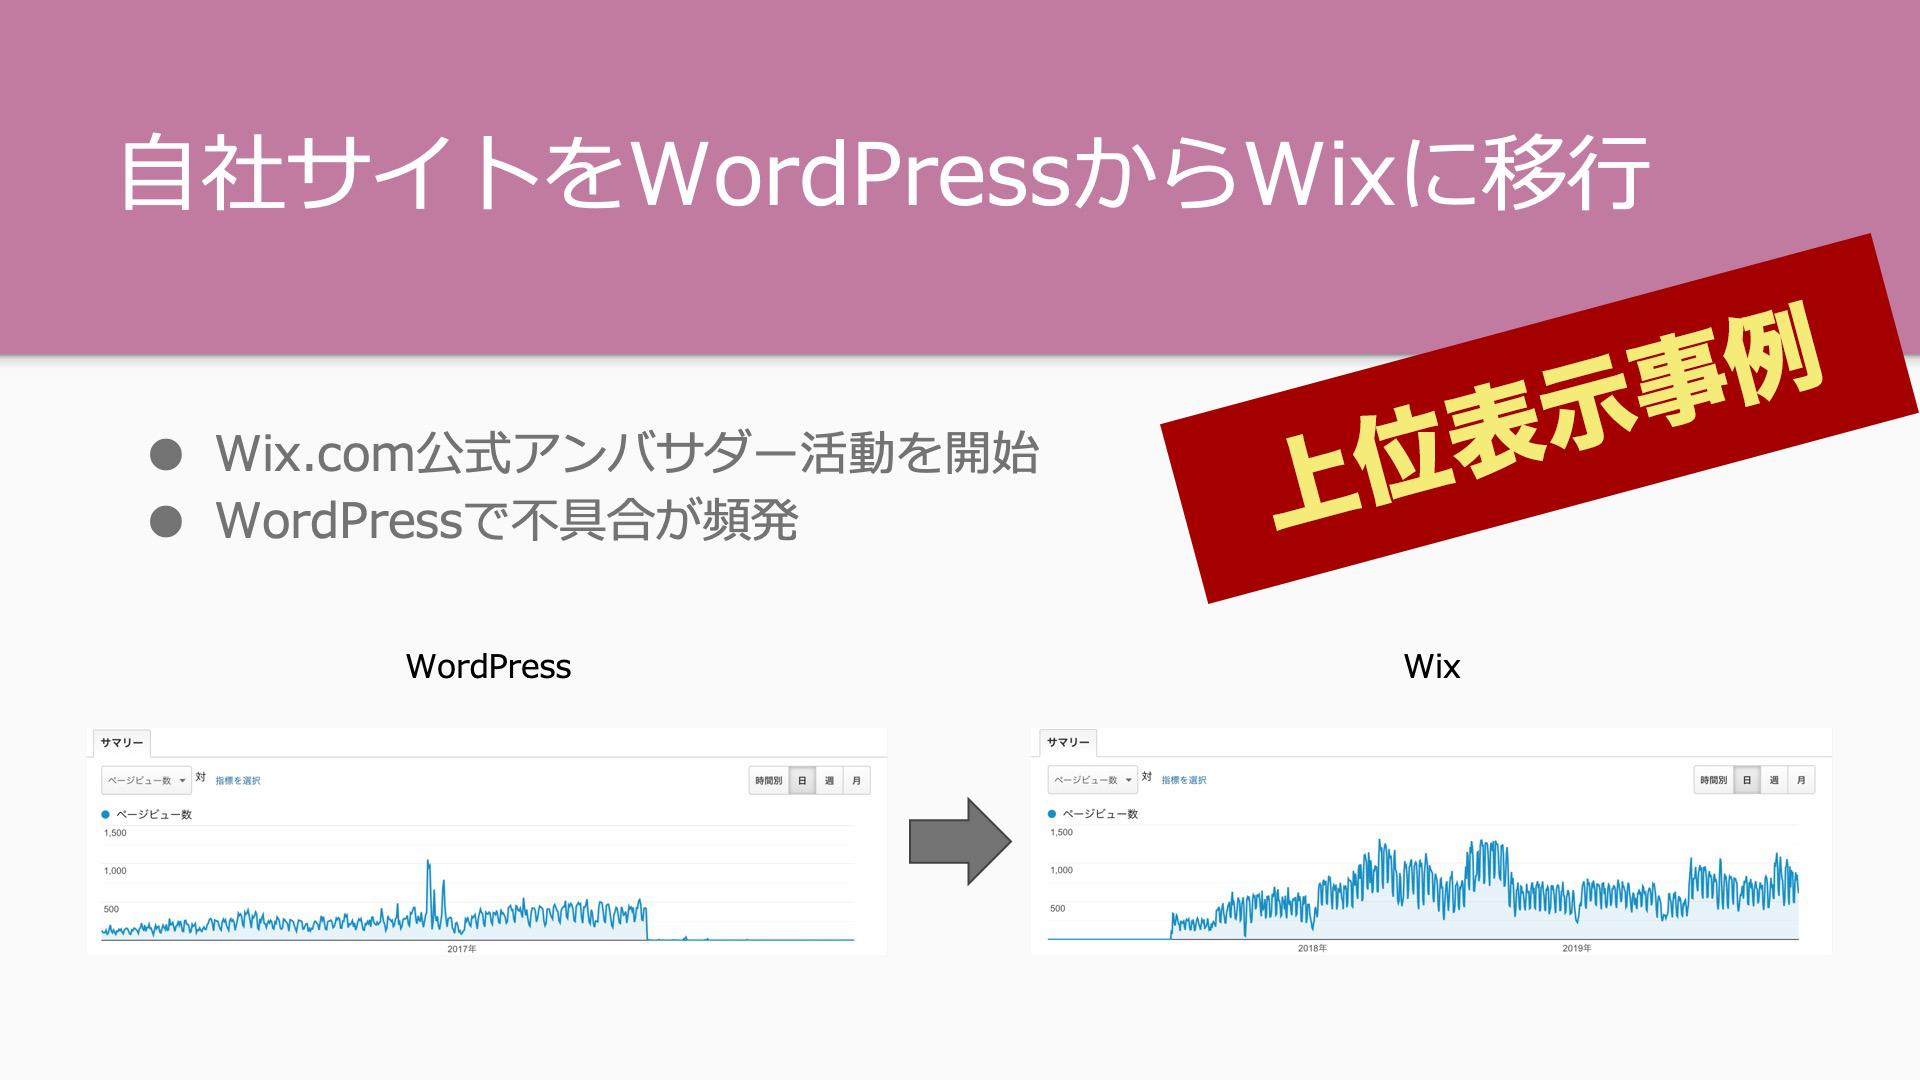 WordPressからWixへサイト移行し検索結果上位表示したSEO事例